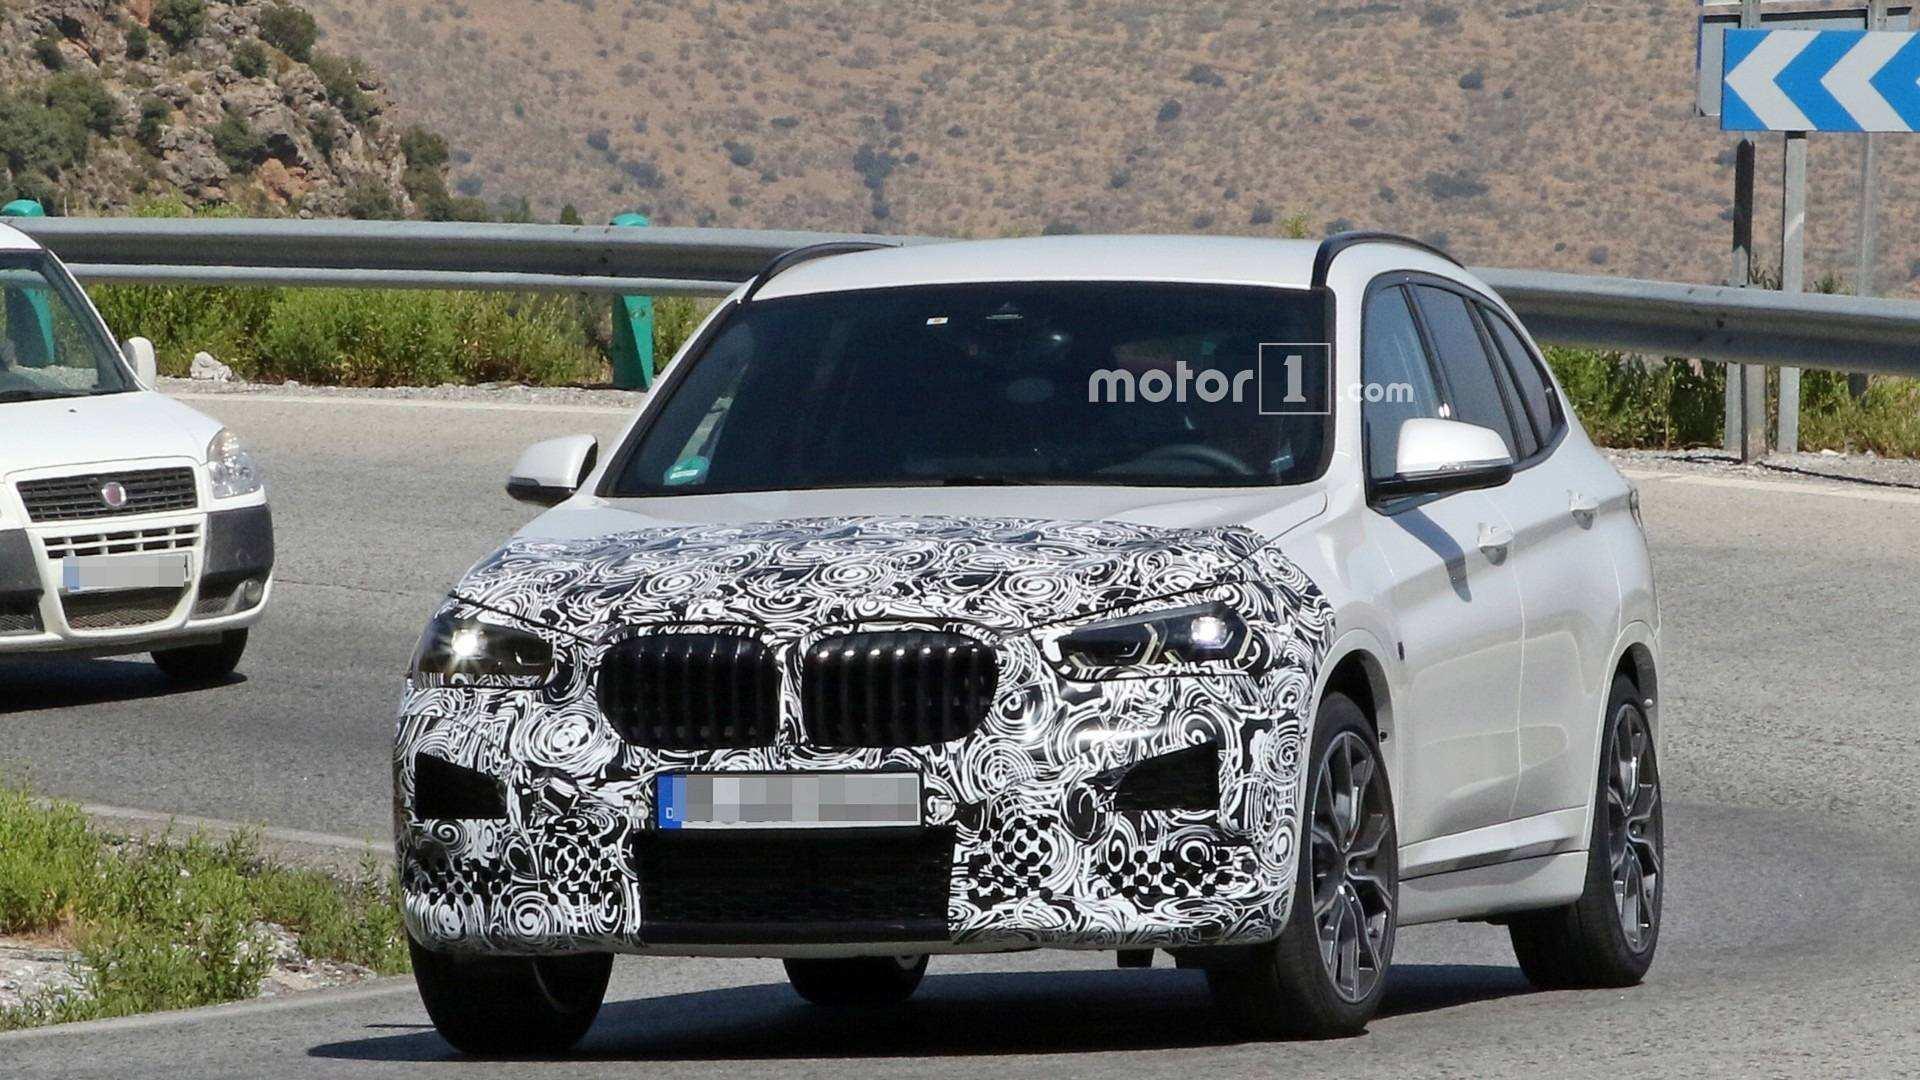 34 New 2020 BMW X1 2020 Spy Shoot for 2020 BMW X1 2020